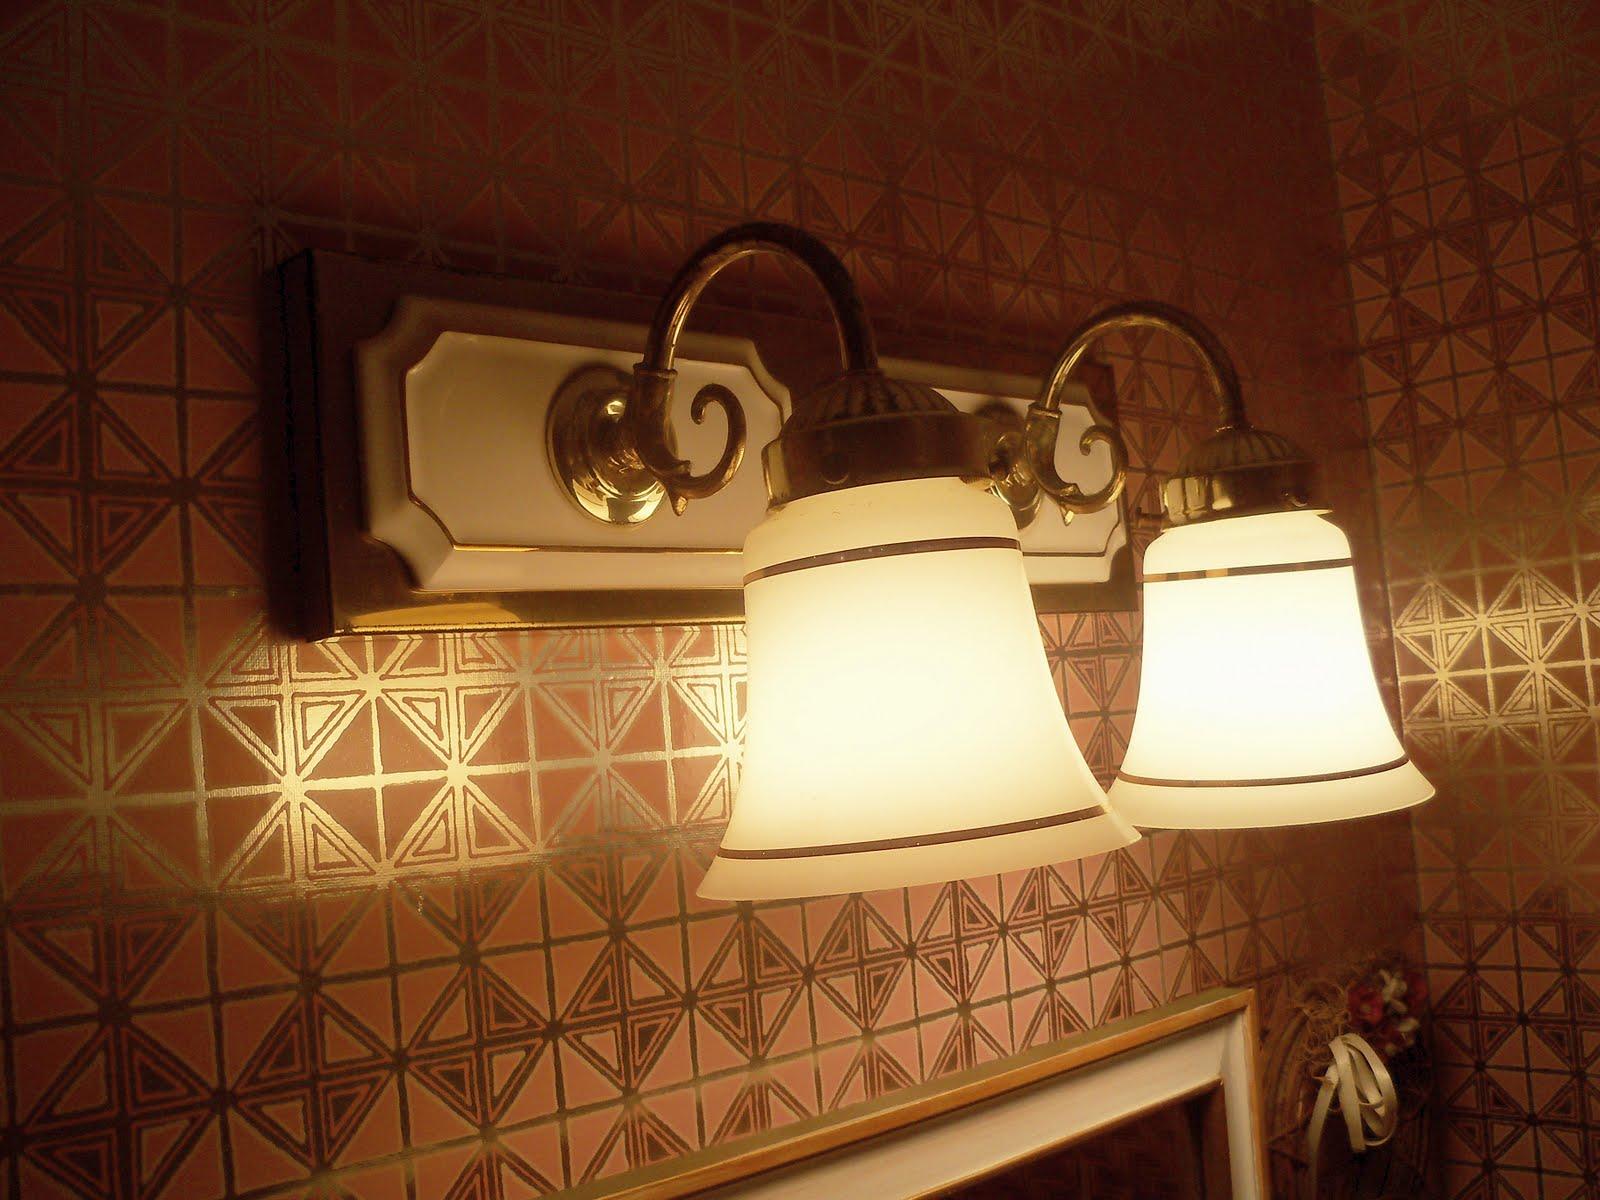 A Hollywood Regency Era Bathroom